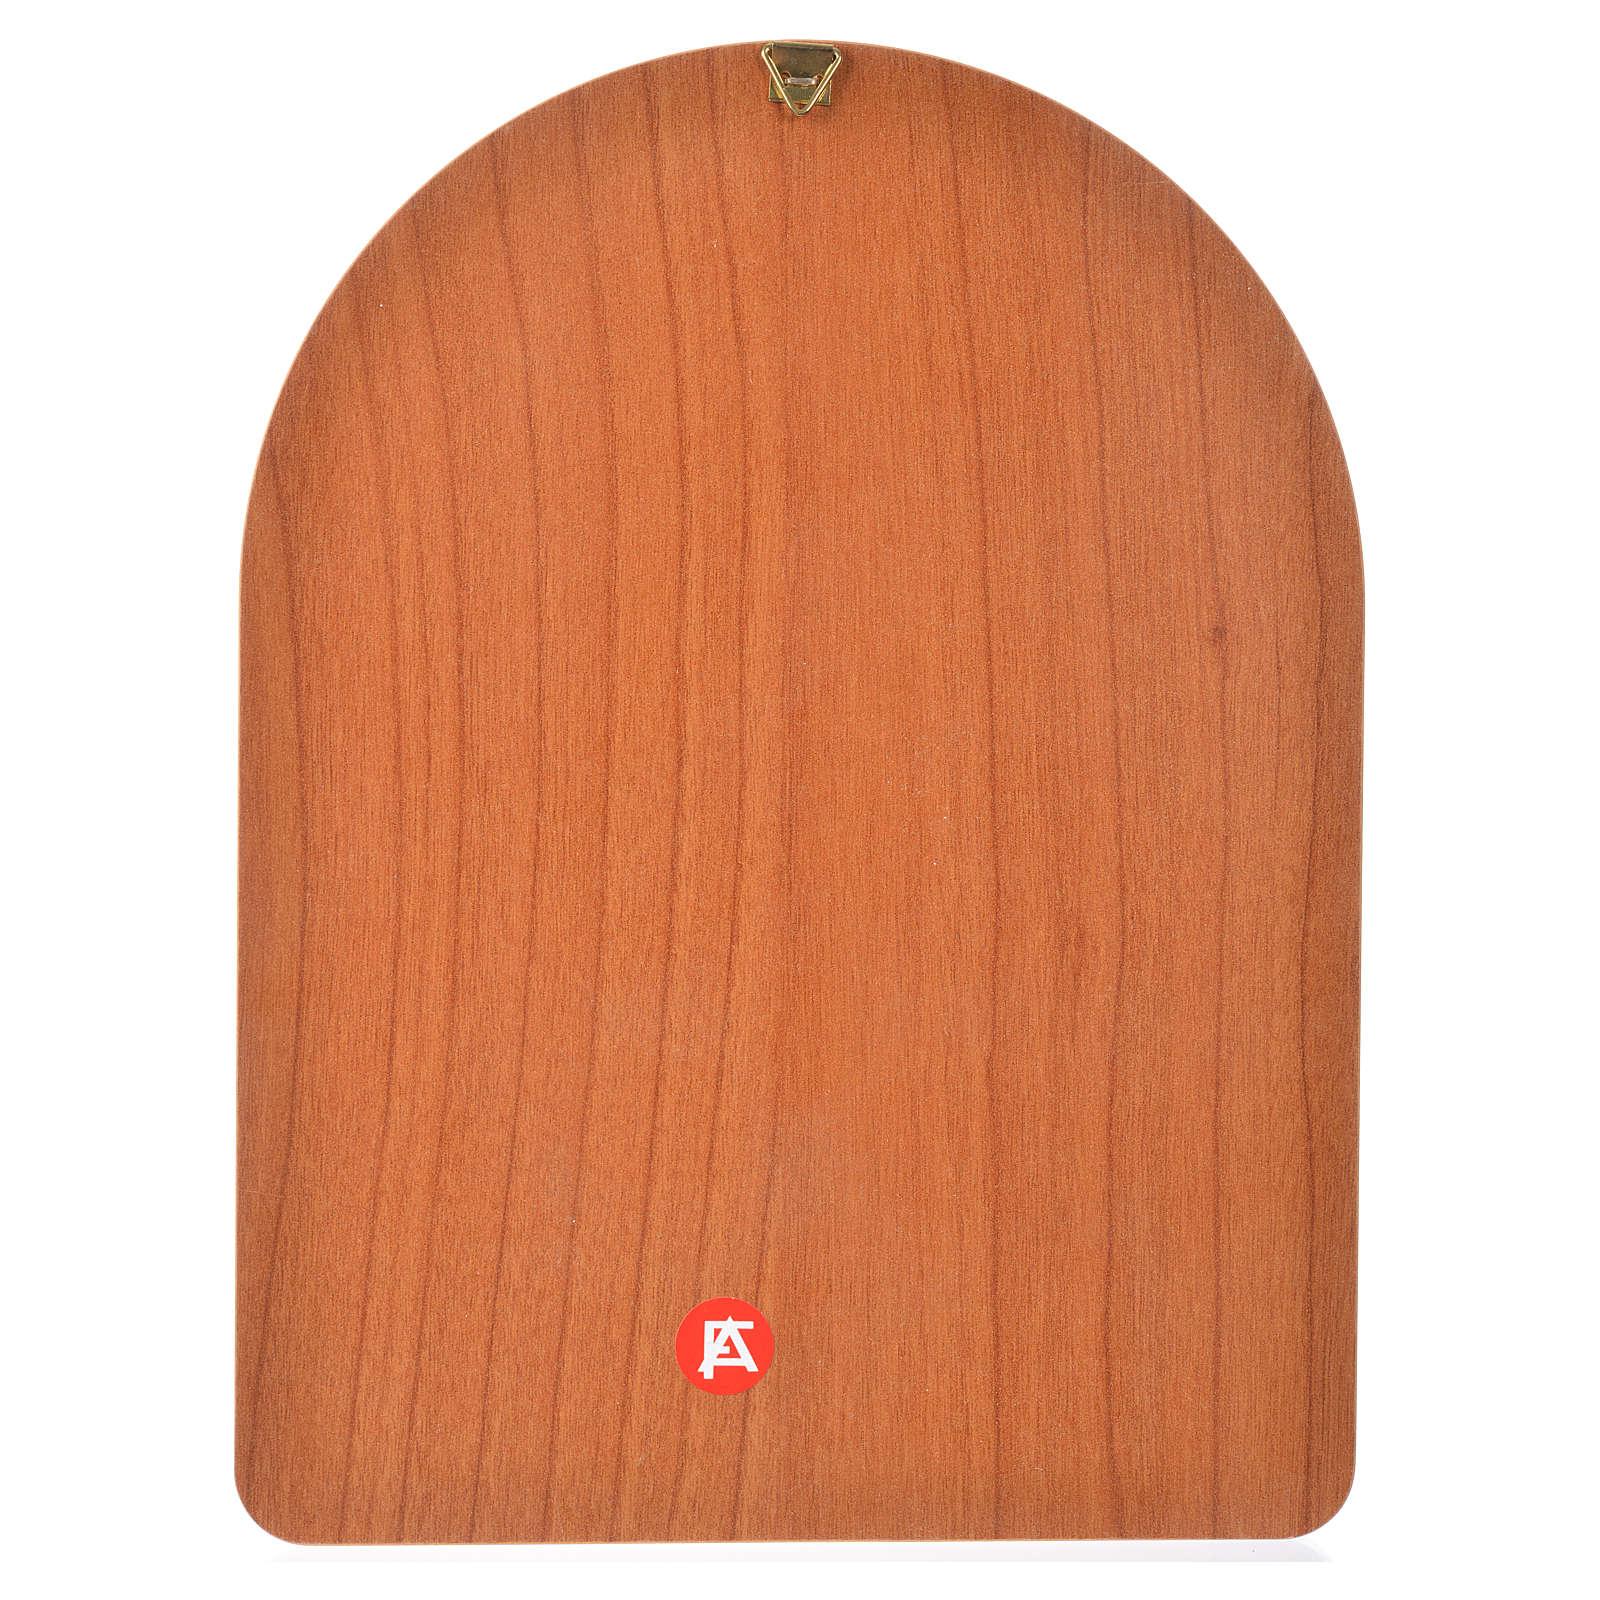 Impression sur bois 15x20 cm Sainte Thérèse 3